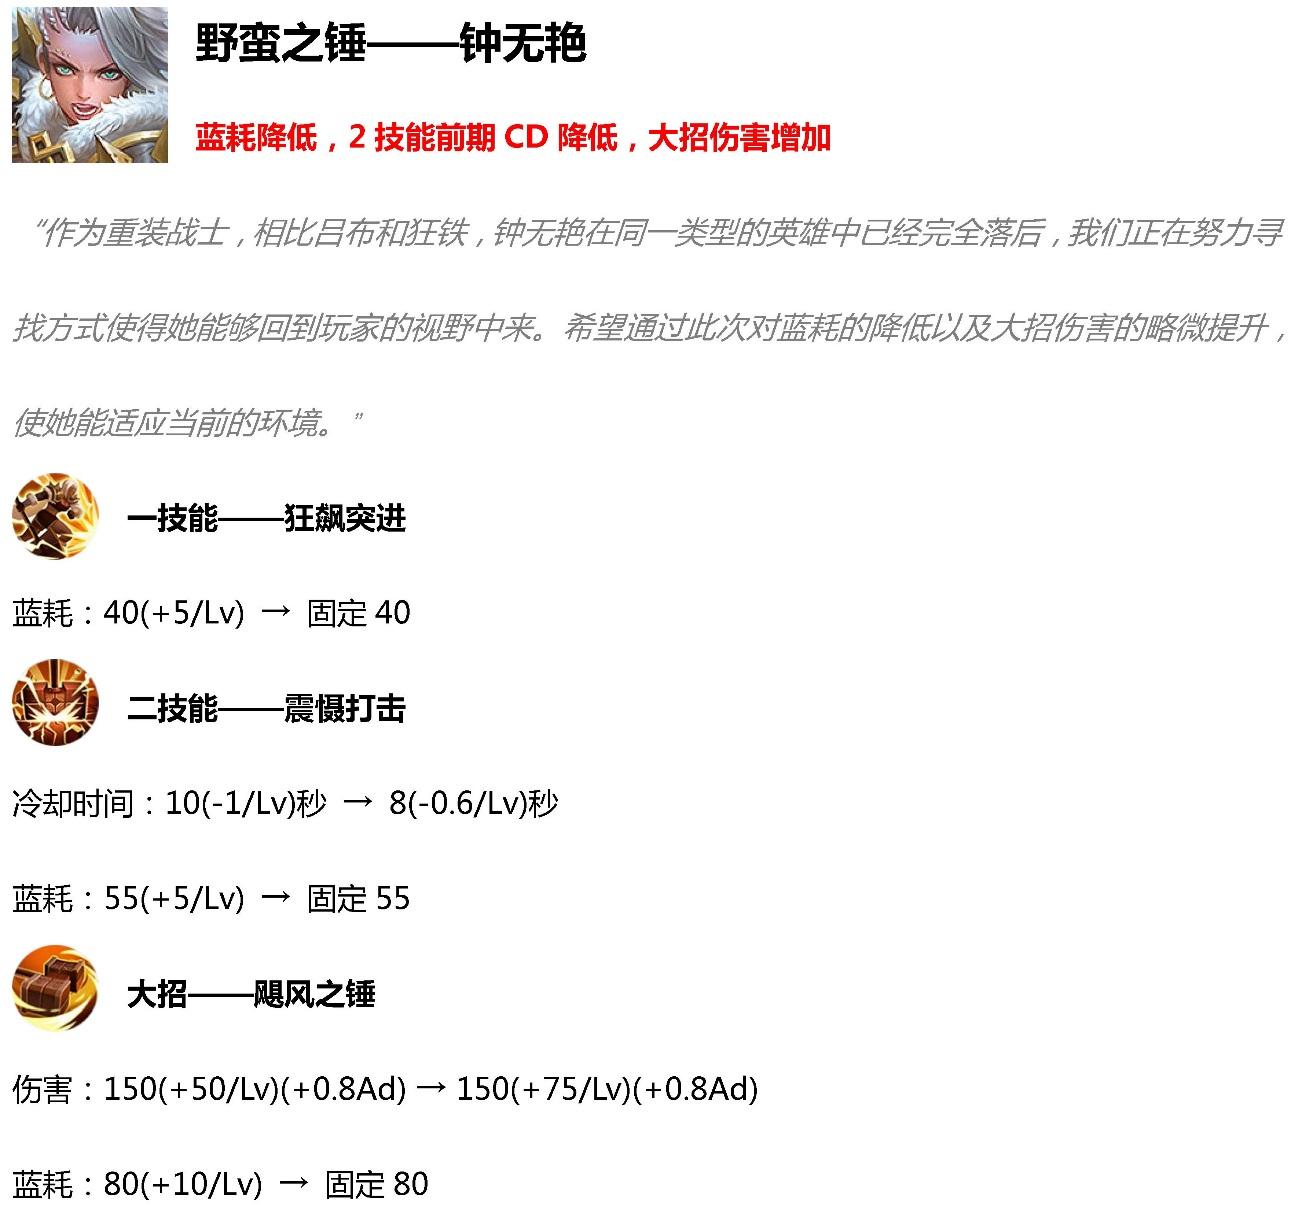 《王者荣耀》5月14日全服不停机更新公告&520活动内容